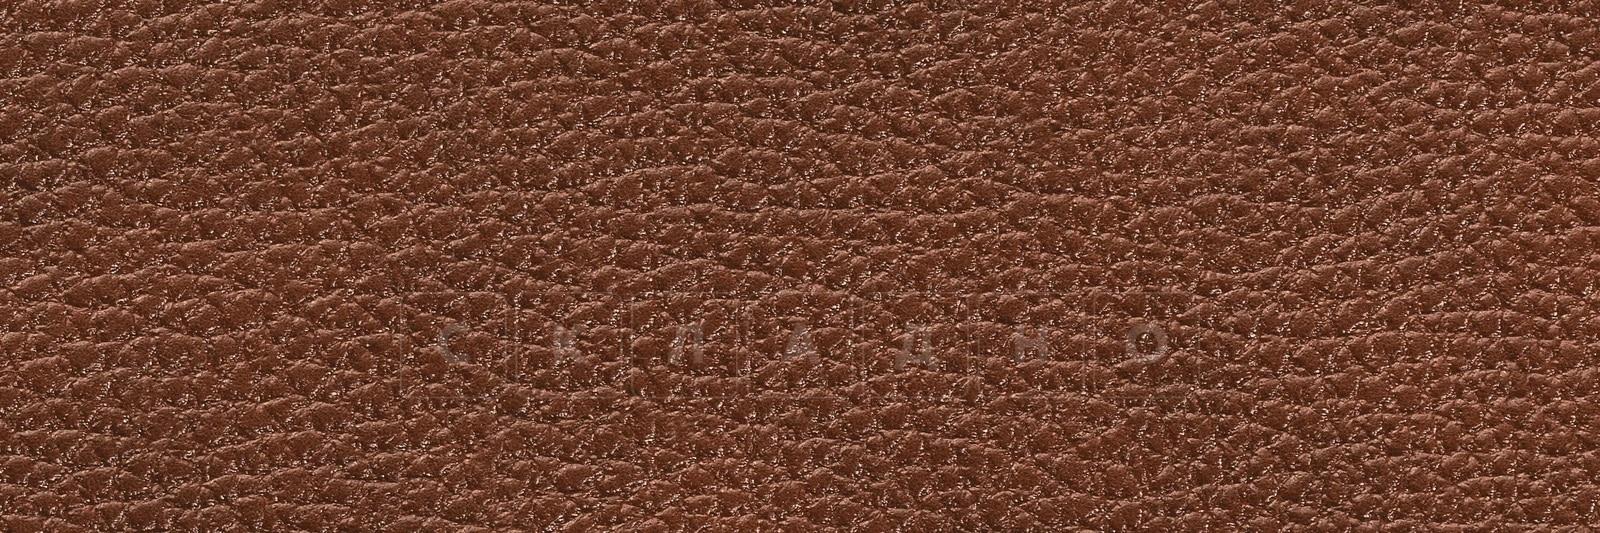 Кресло Бристоль кожаное коричневого цвета фото 8 | интернет-магазин Складно